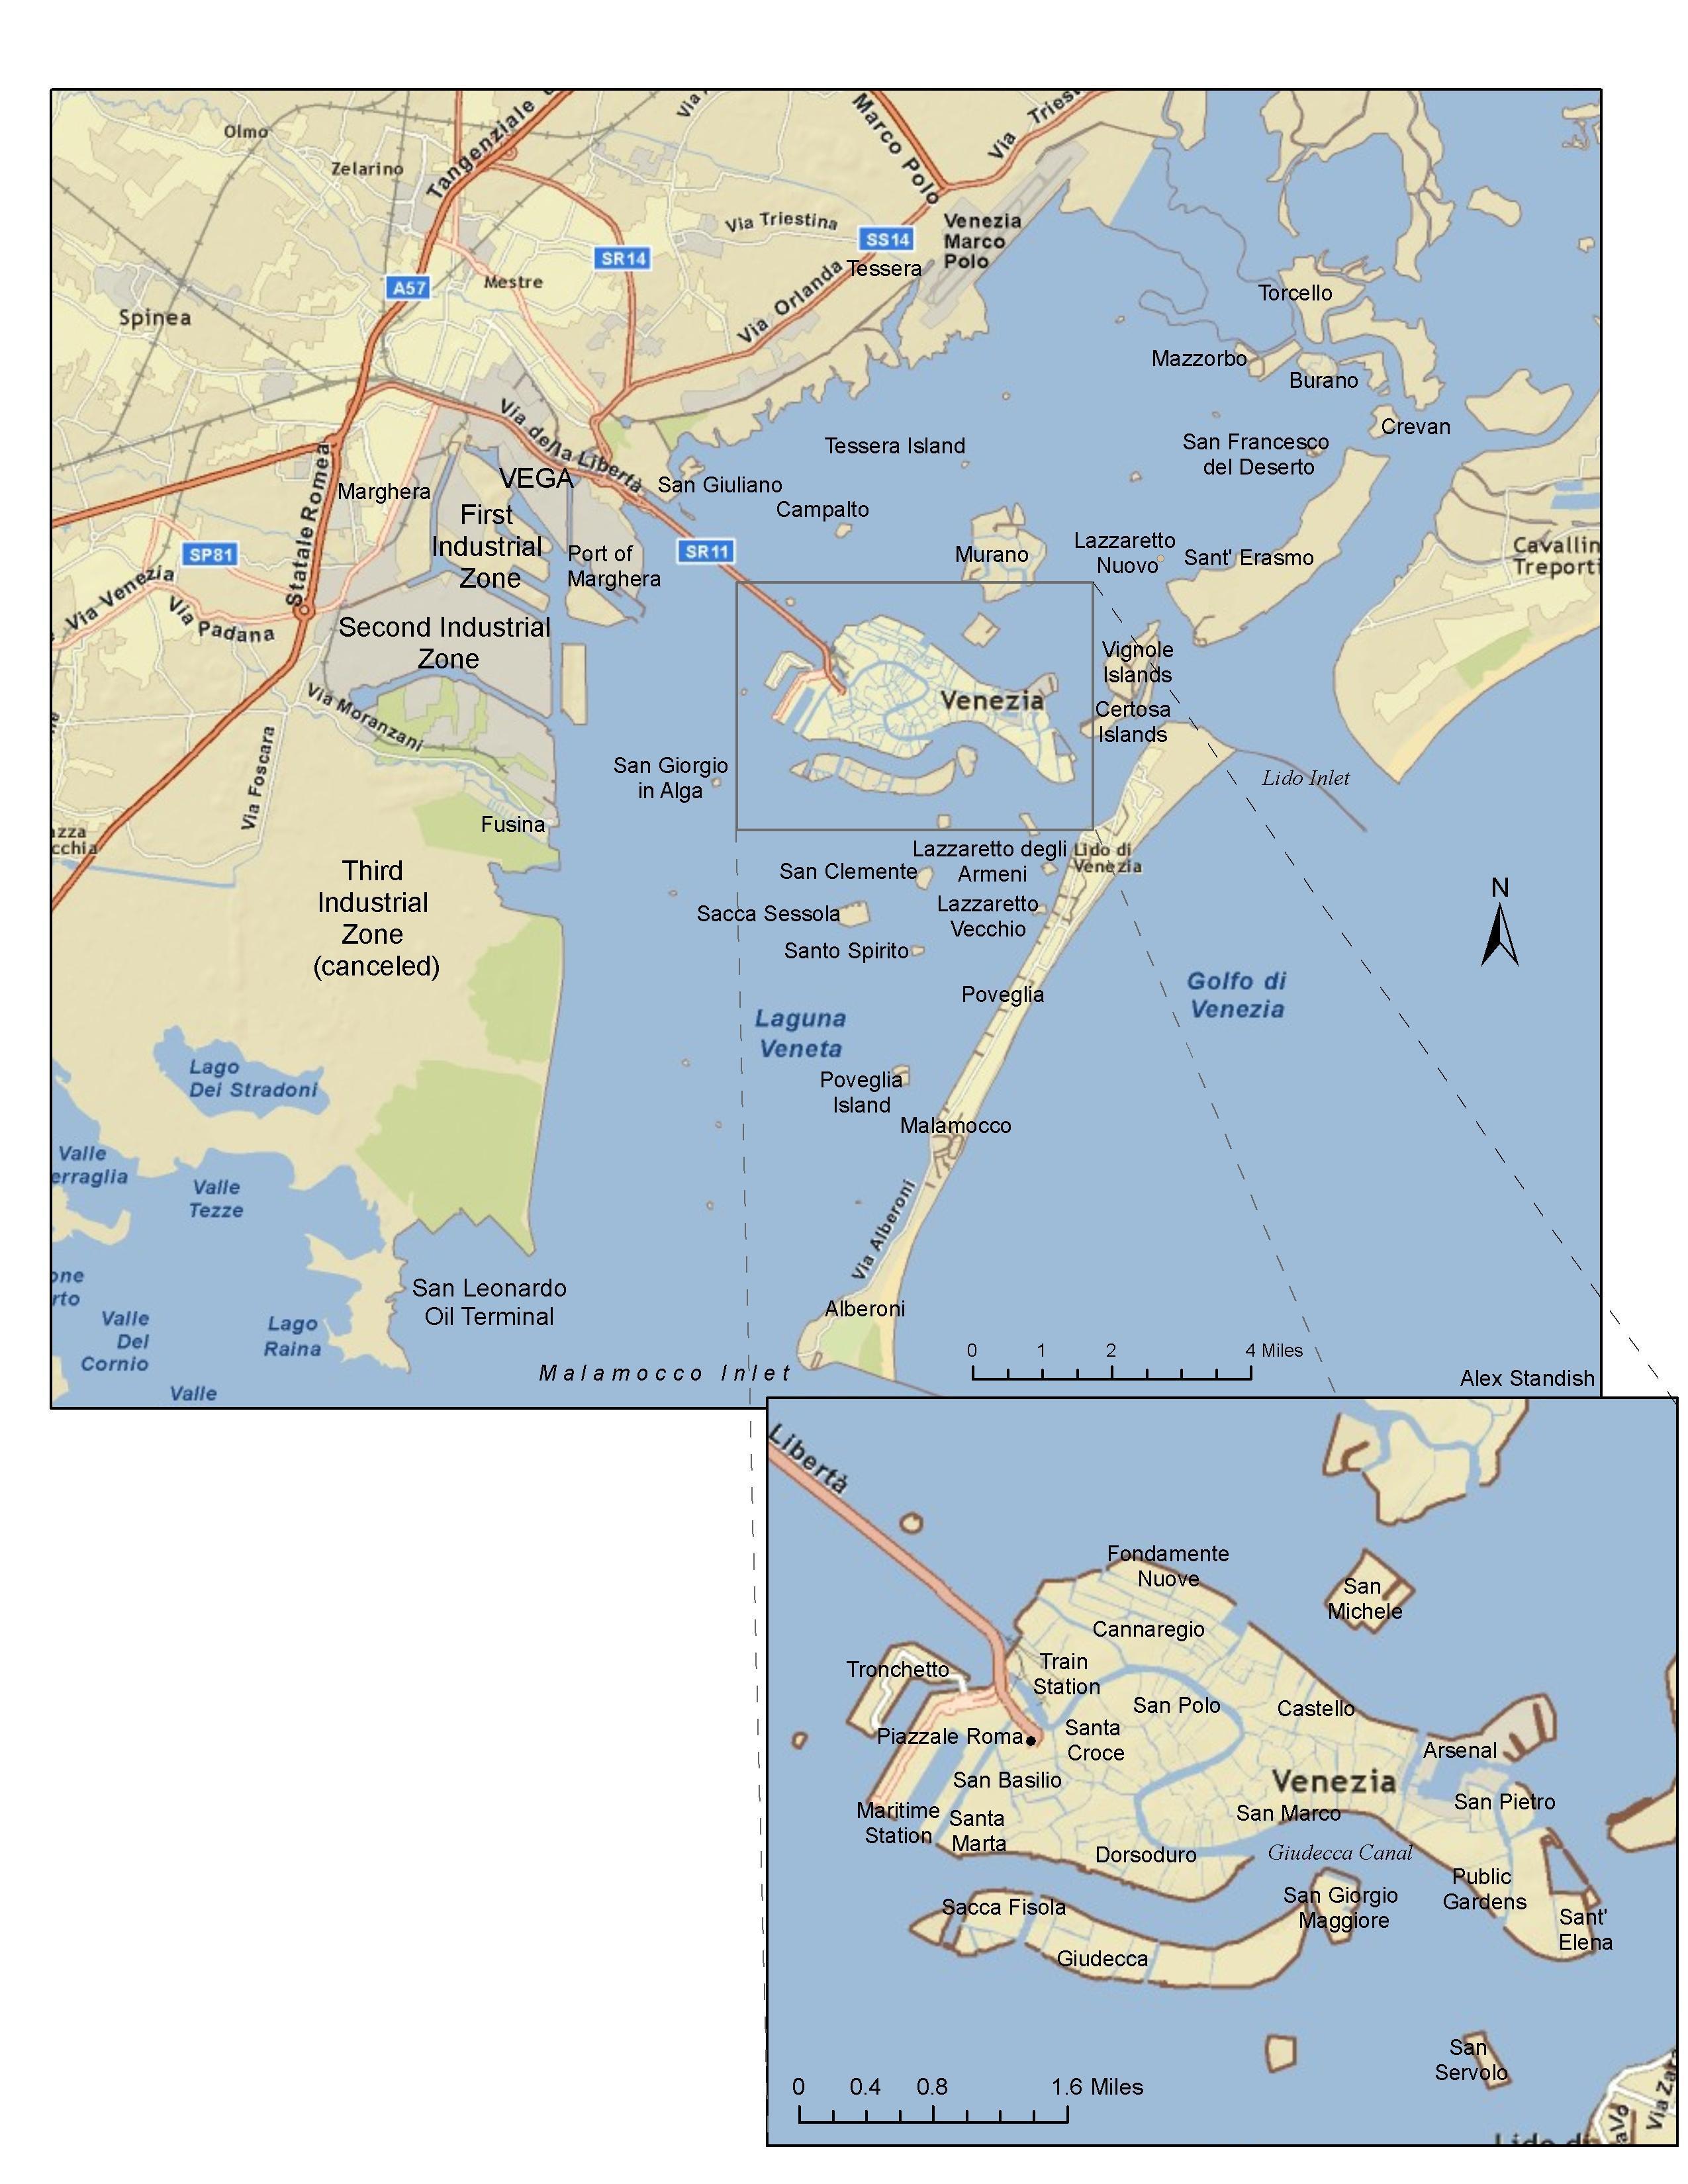 Kartta Venetsia Ja Saaret Kartta Venetsia Ja Ymparoivat Saaret